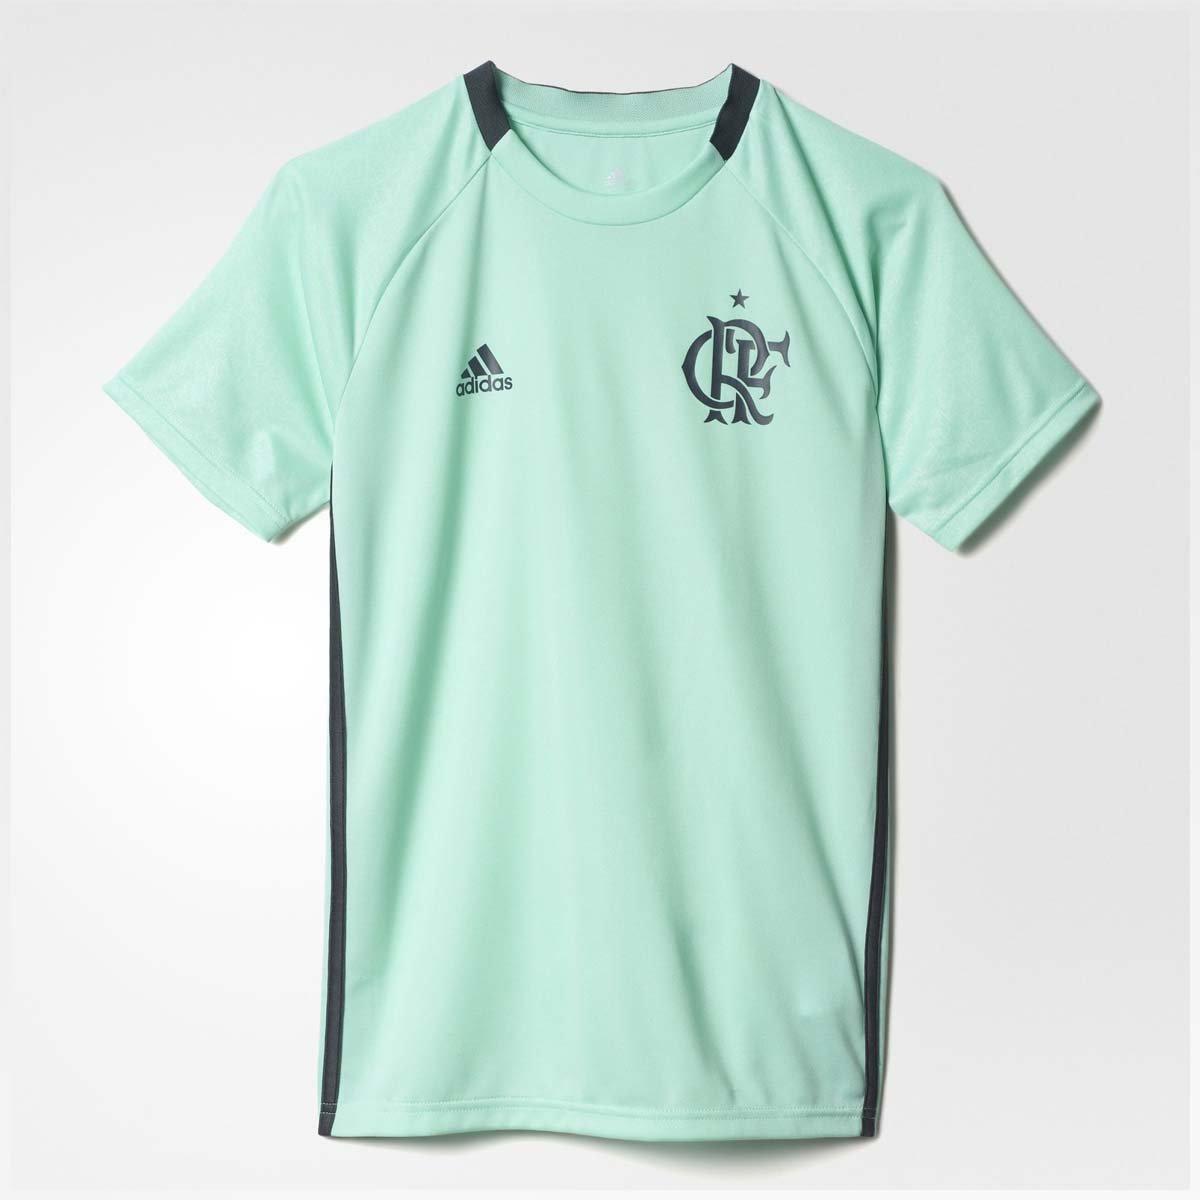 175218129d Camisa Infantil Flamengo Treino CR Copa Adidas - Compre Agora